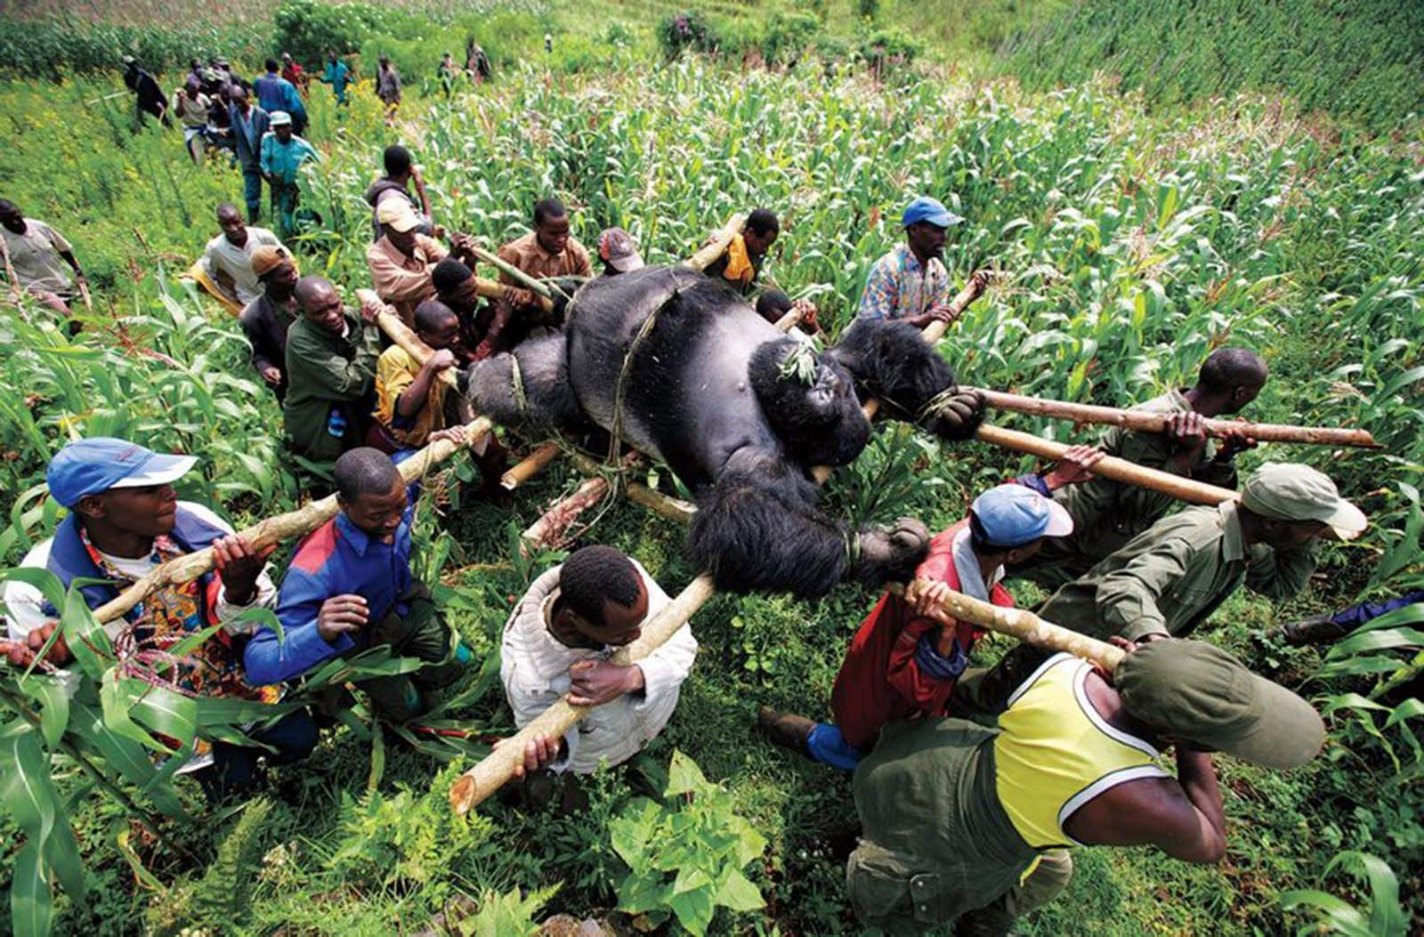 history photo Gorilla in the Congo, Brent Stirton, 2007